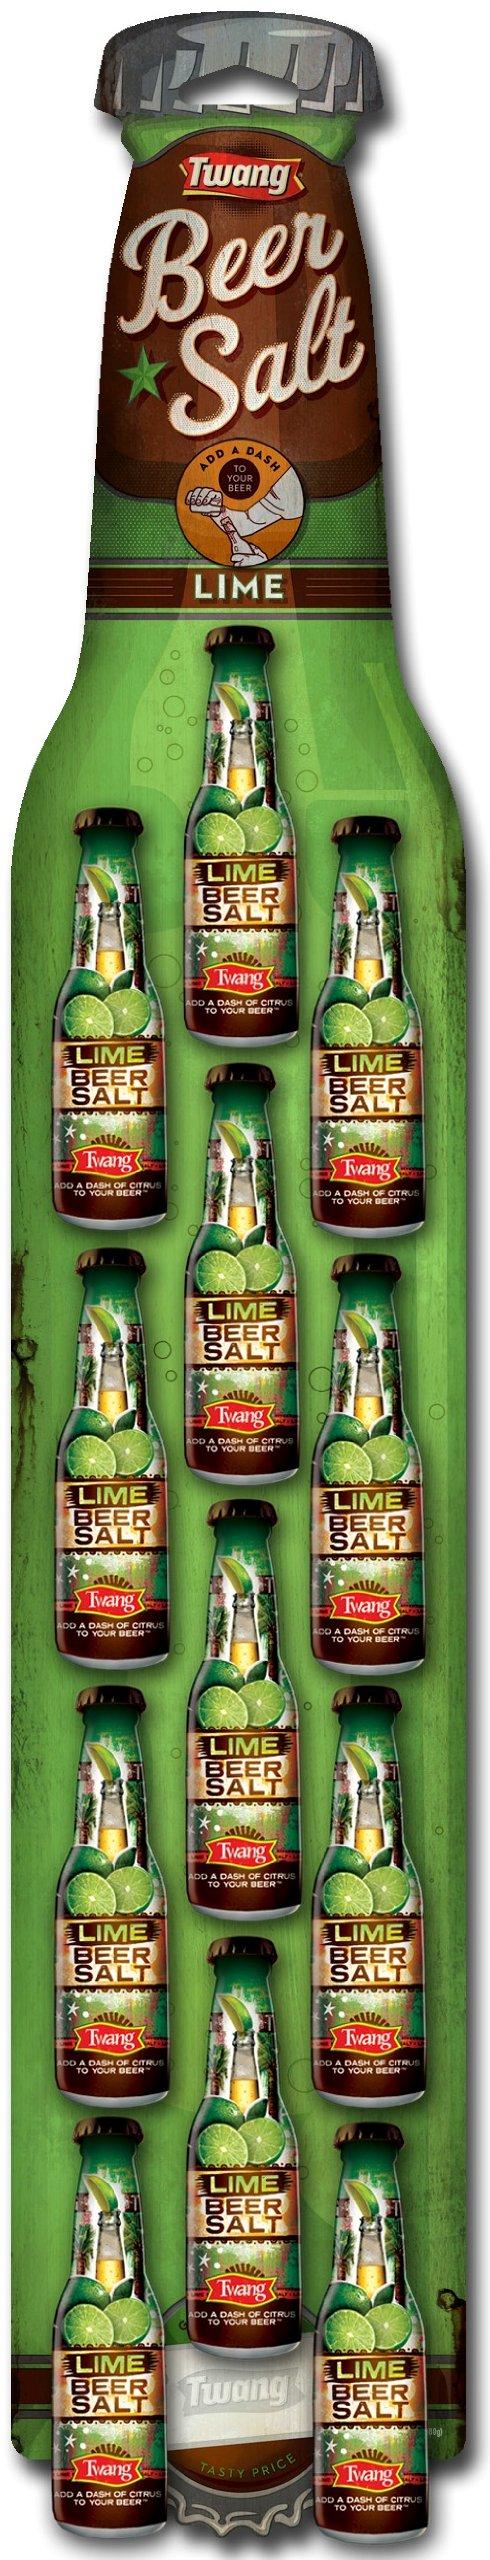 Twang the Original Beer Salt, Lime, 1.4-Ounce Bottles (Strip of 12)